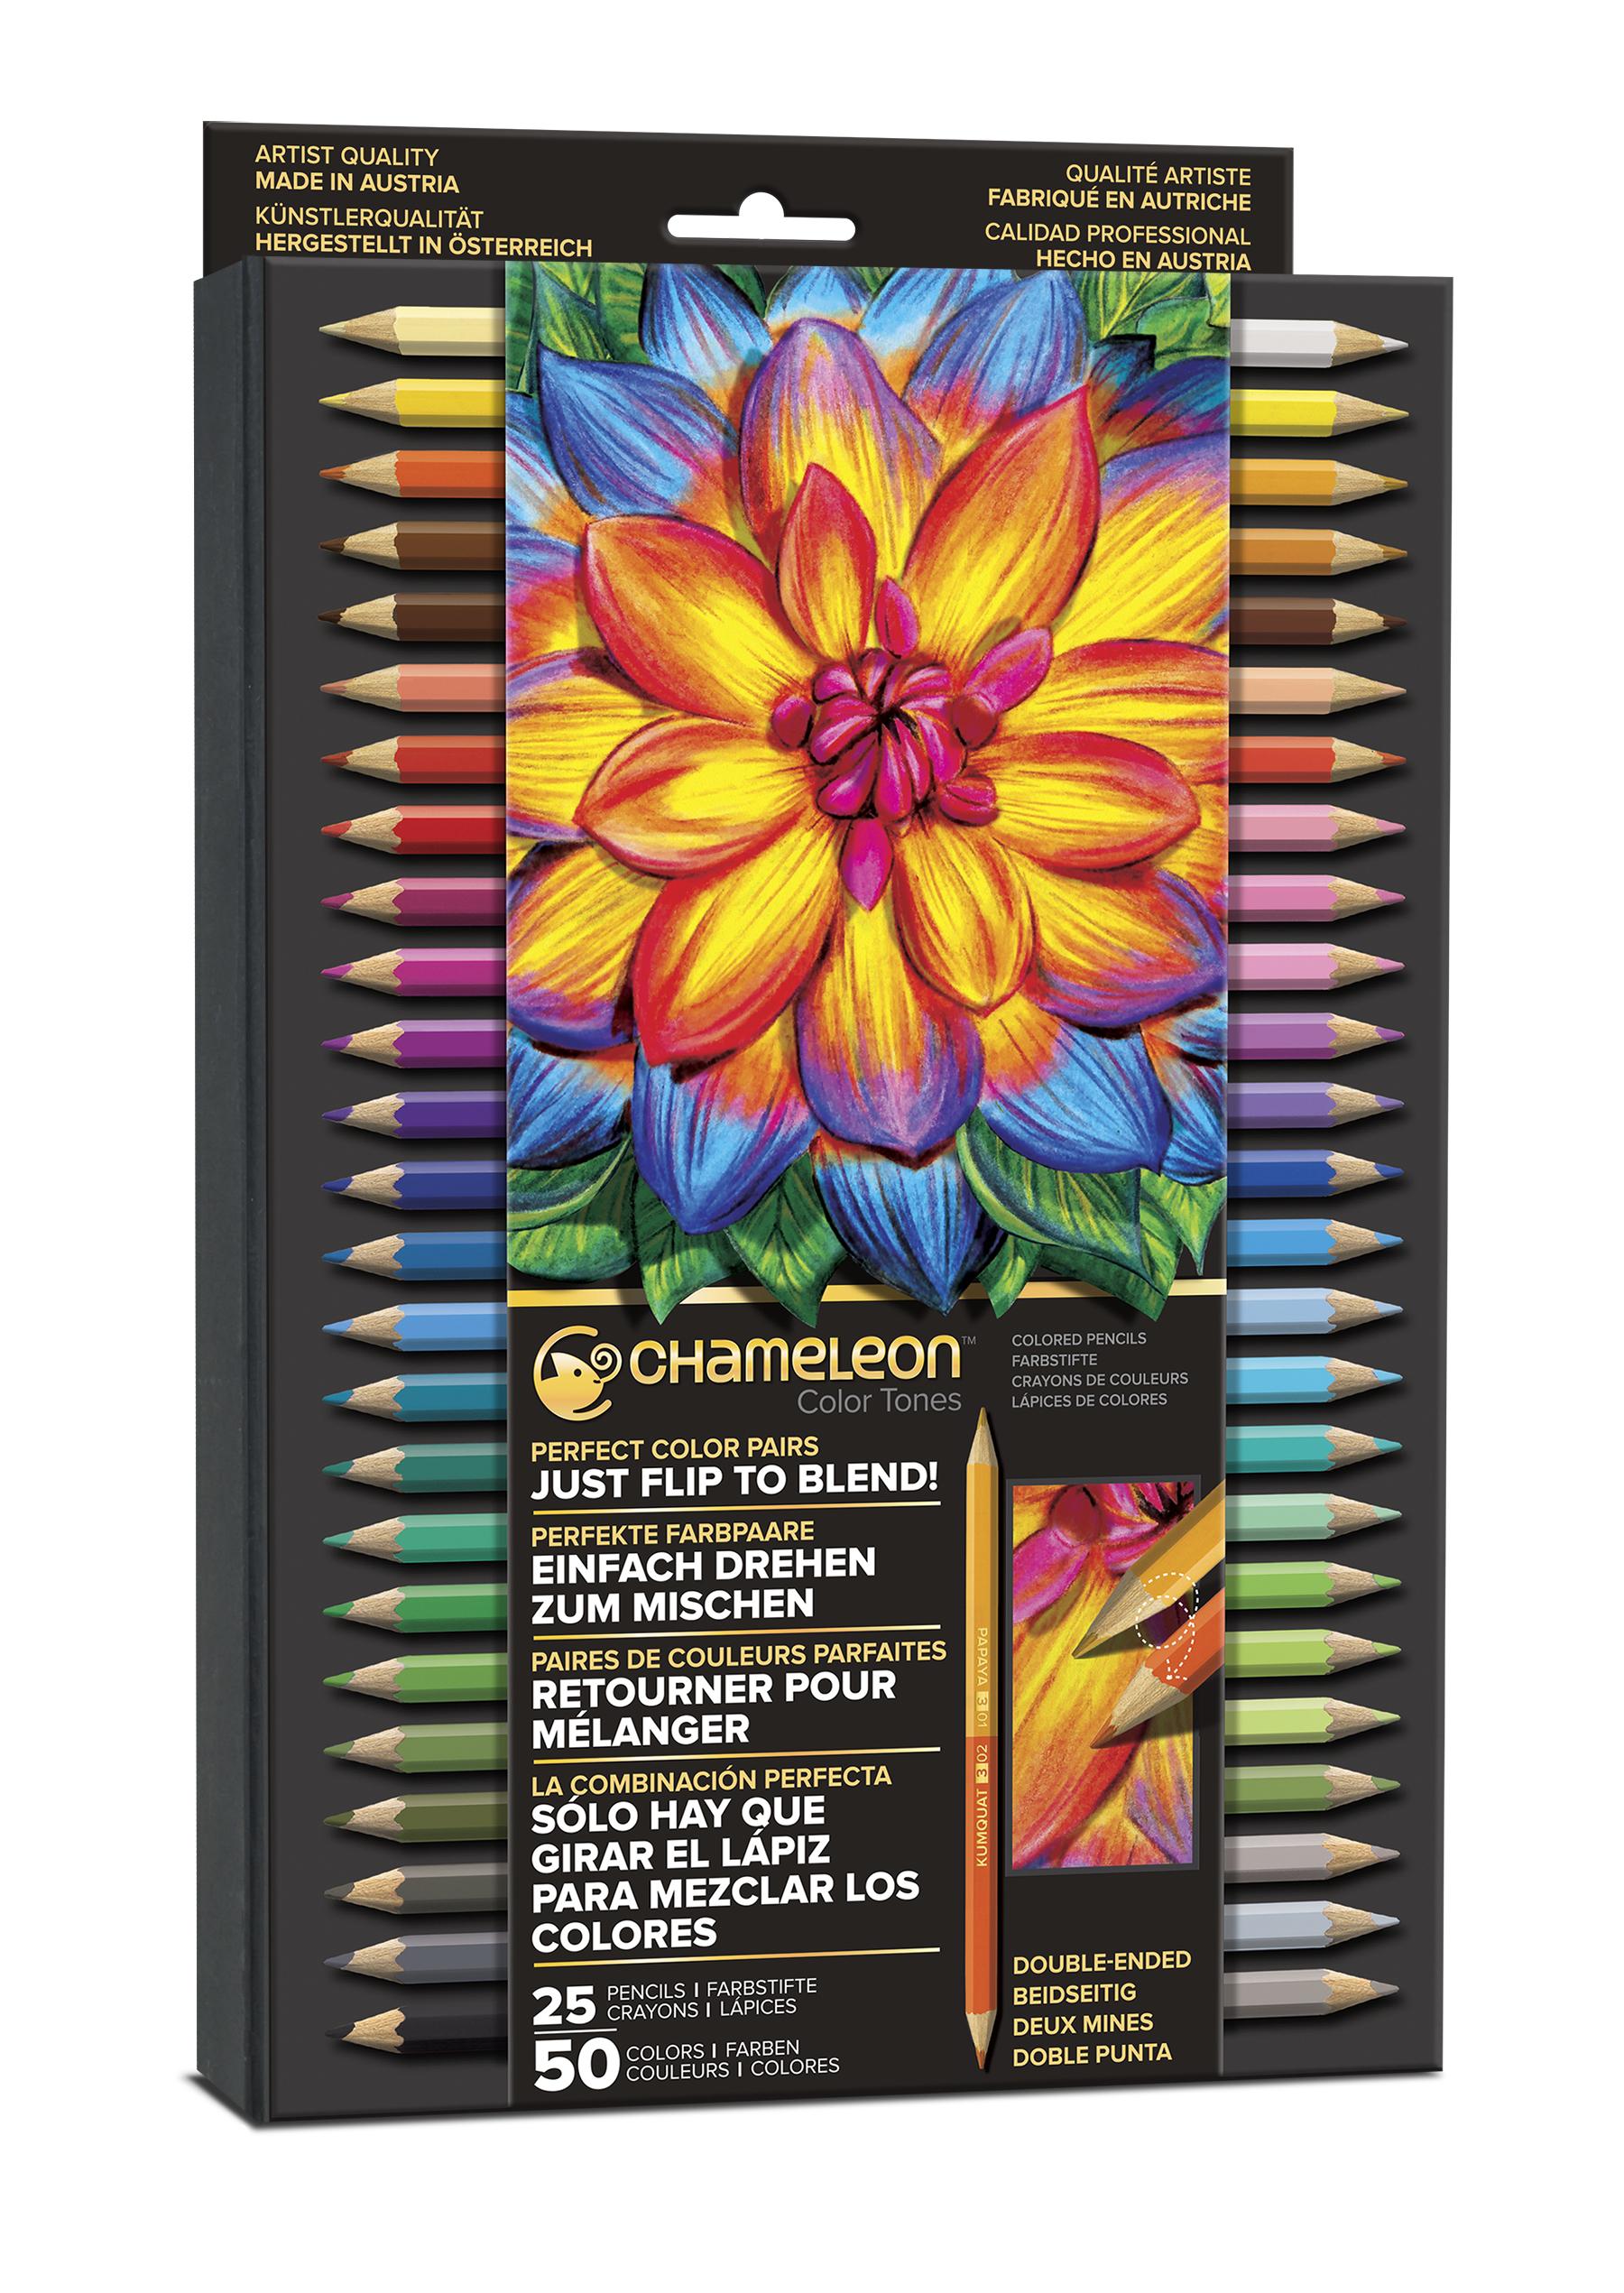 chameleon 25 pencils 50 colors set カメレオン 25本入り50色 色鉛筆